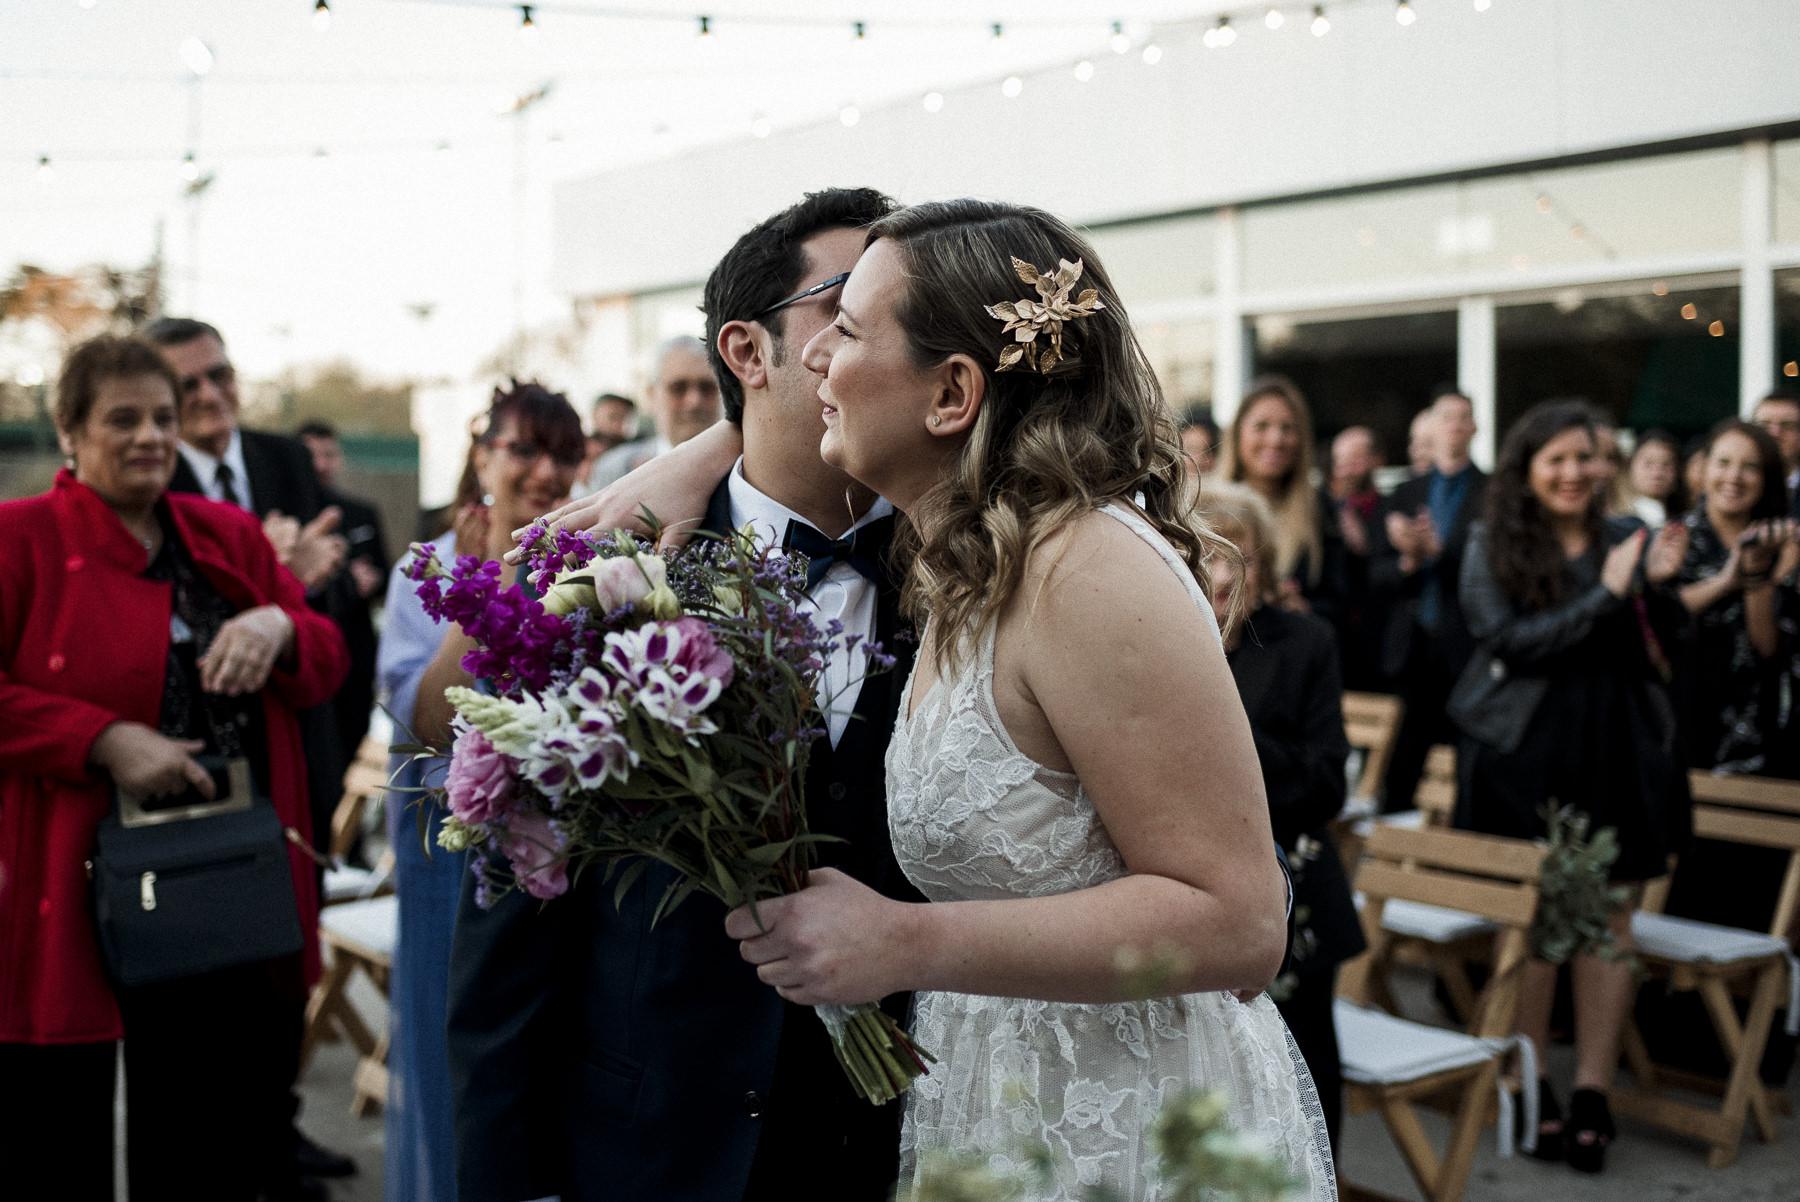 casamiento juli y alexis en buenos aires por emilia gualdoni fotografia